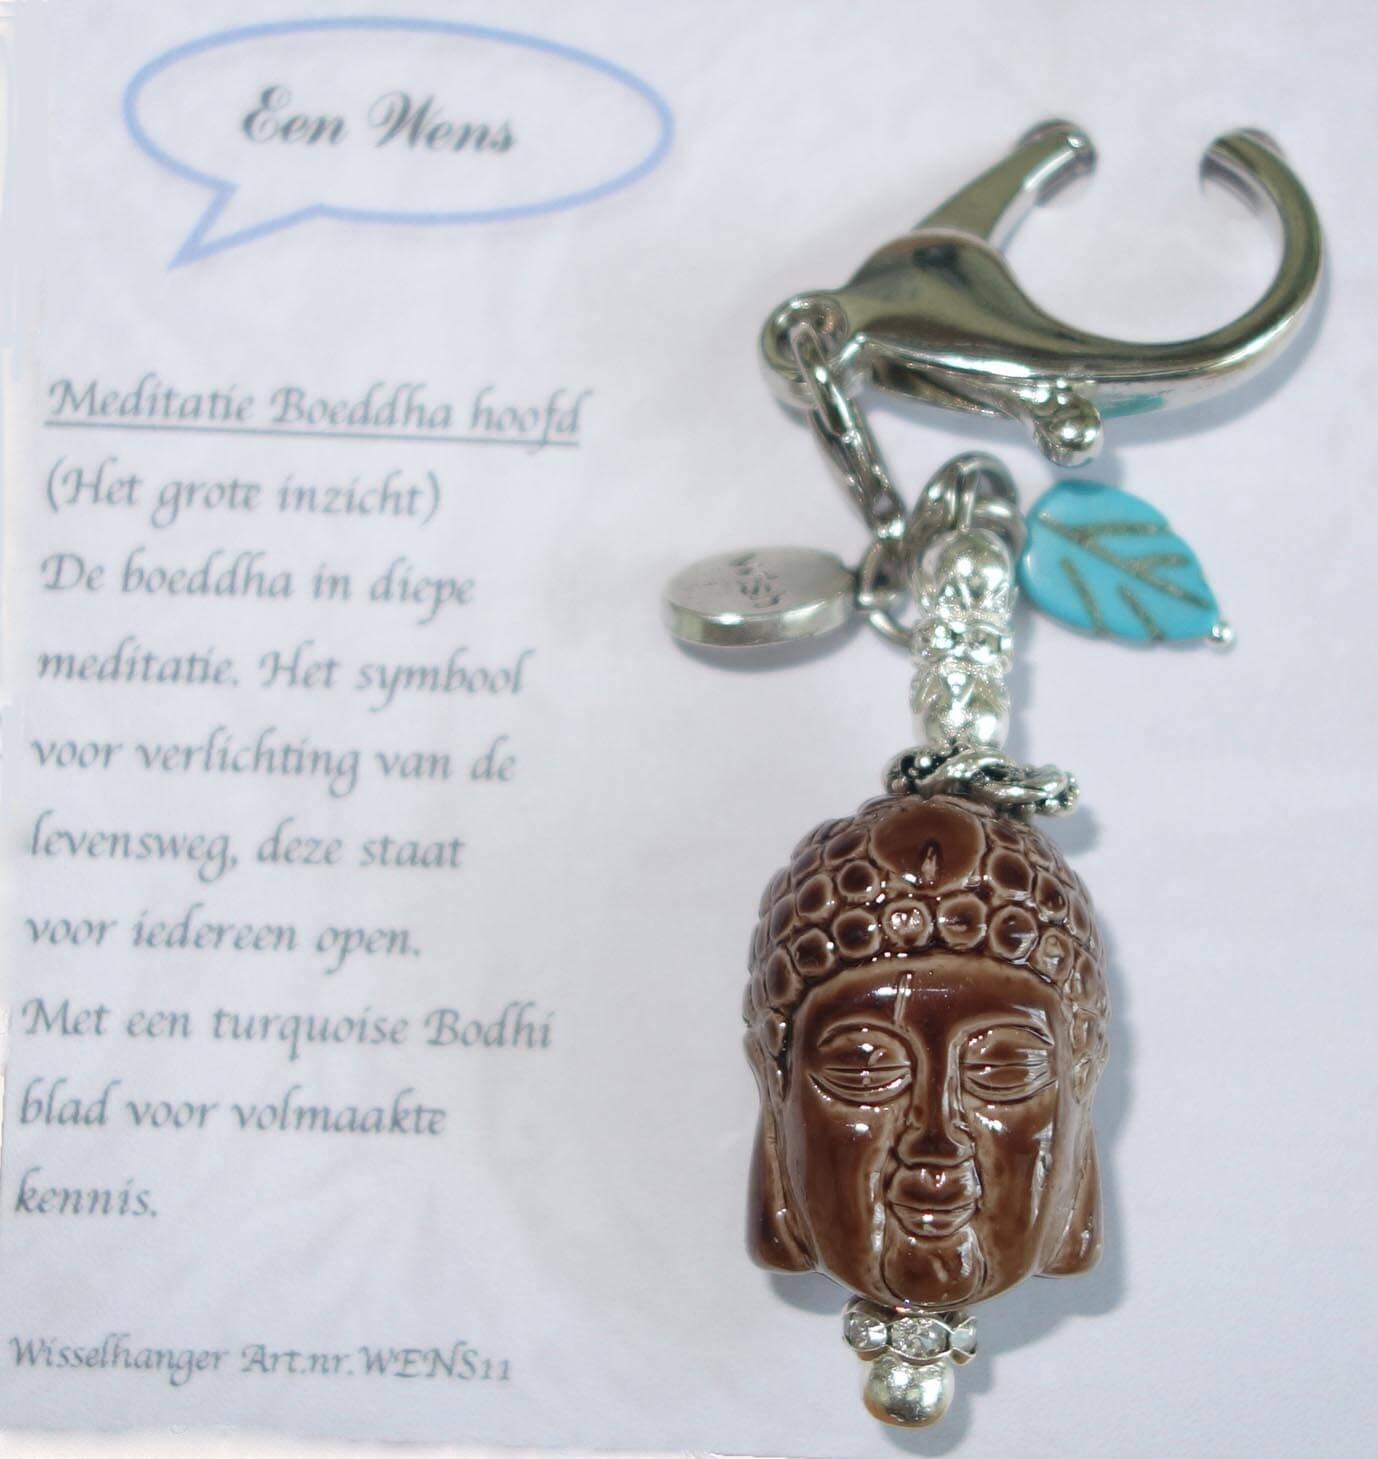 De Meditatie Boeddha Hoofd Sleutelhanger Bruin-0